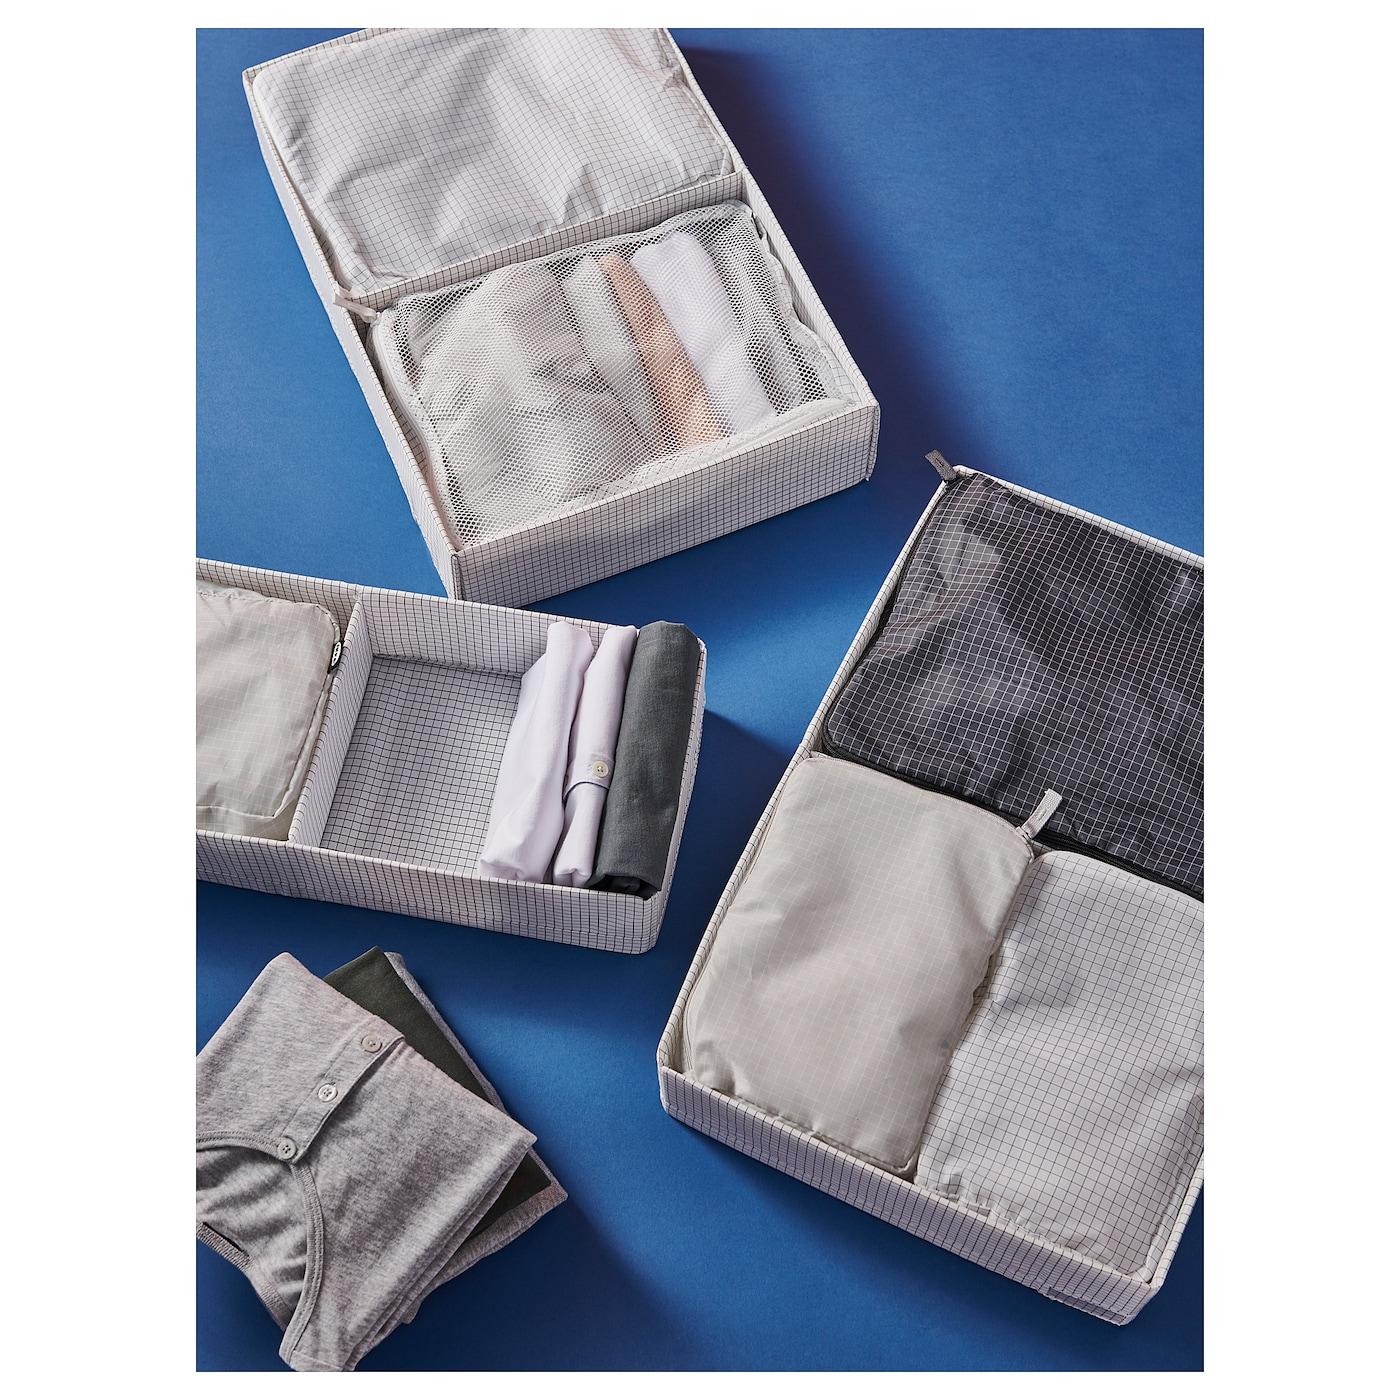 RENSARE Taška na oblečení, sada 3 ks, vzor kostka/šedá černá